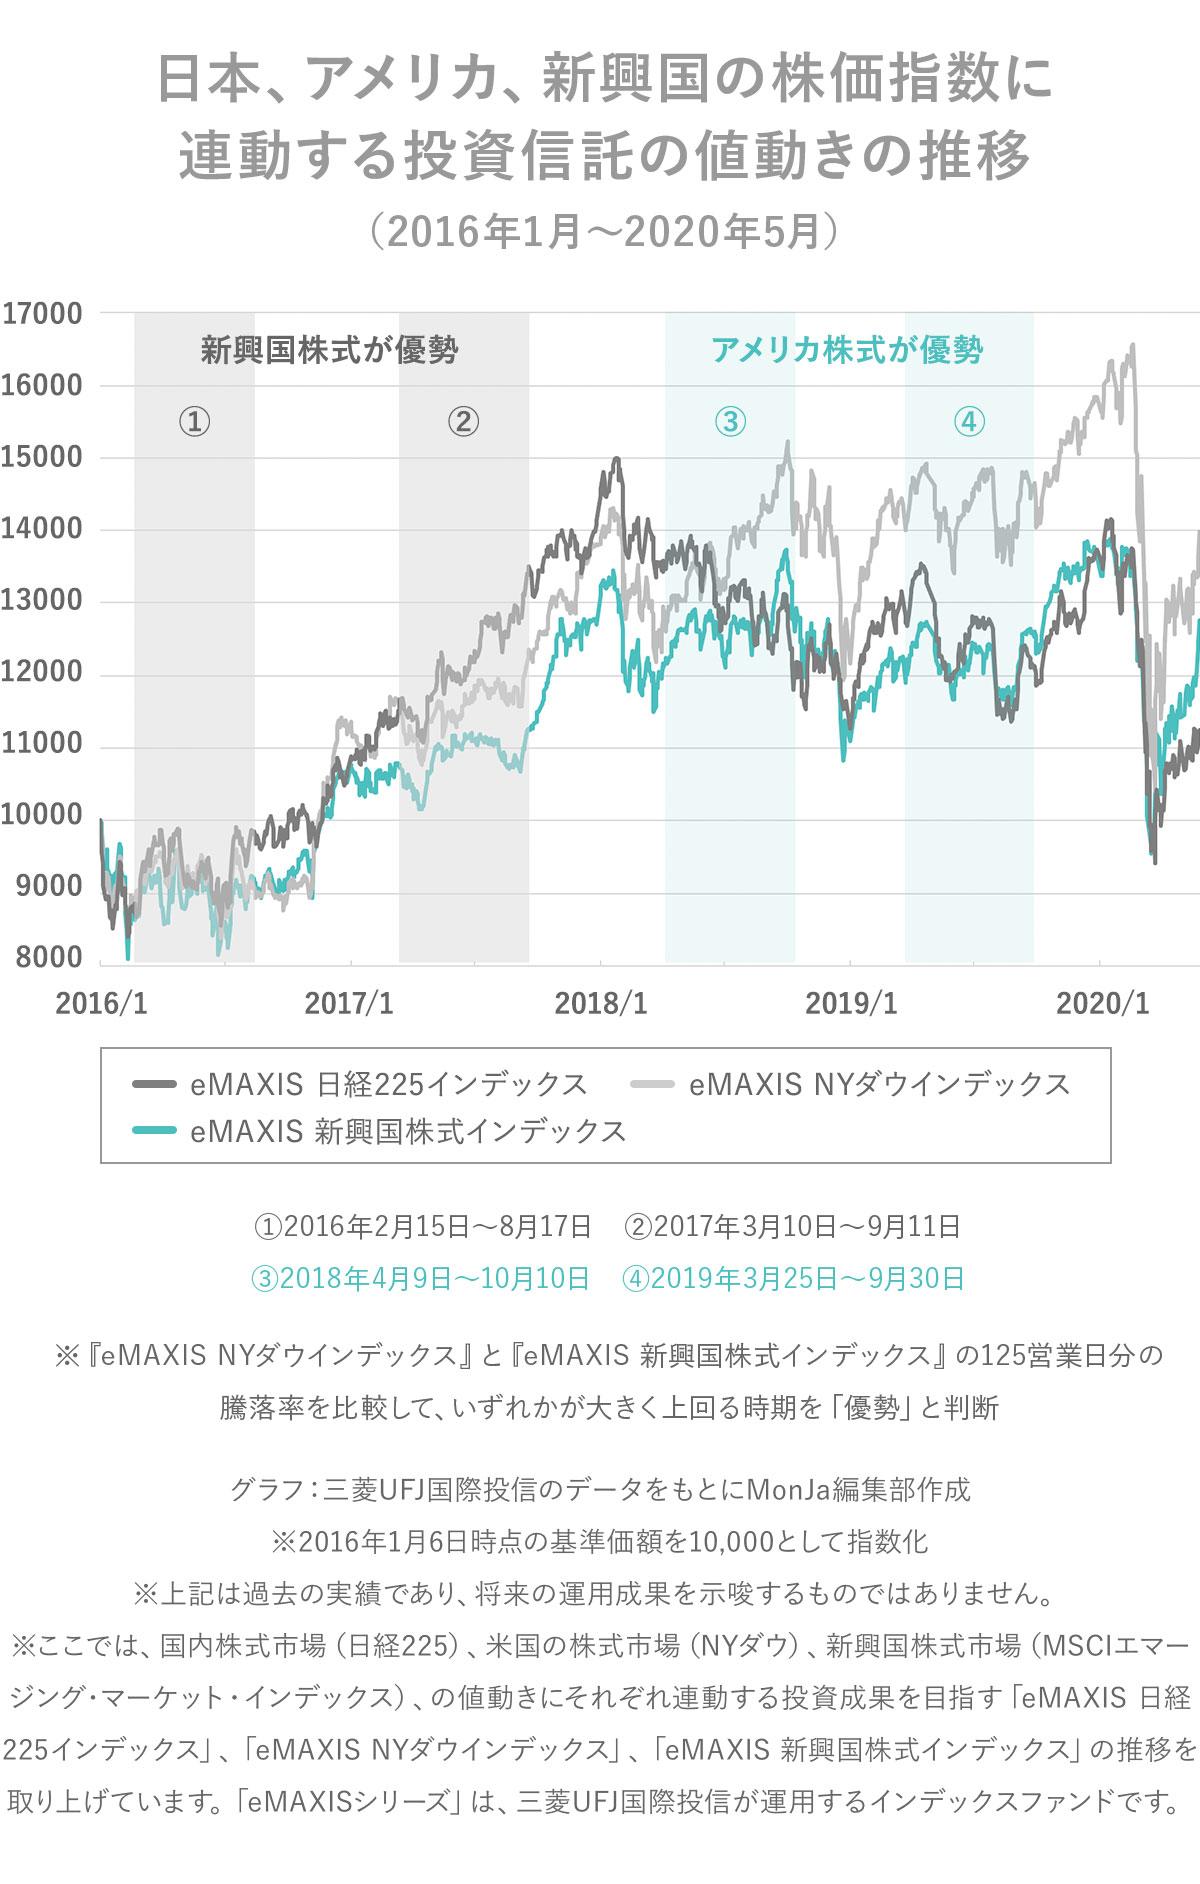 日本、アメリカ、新興国の株価指数に連動する投資信託の値動きの推移